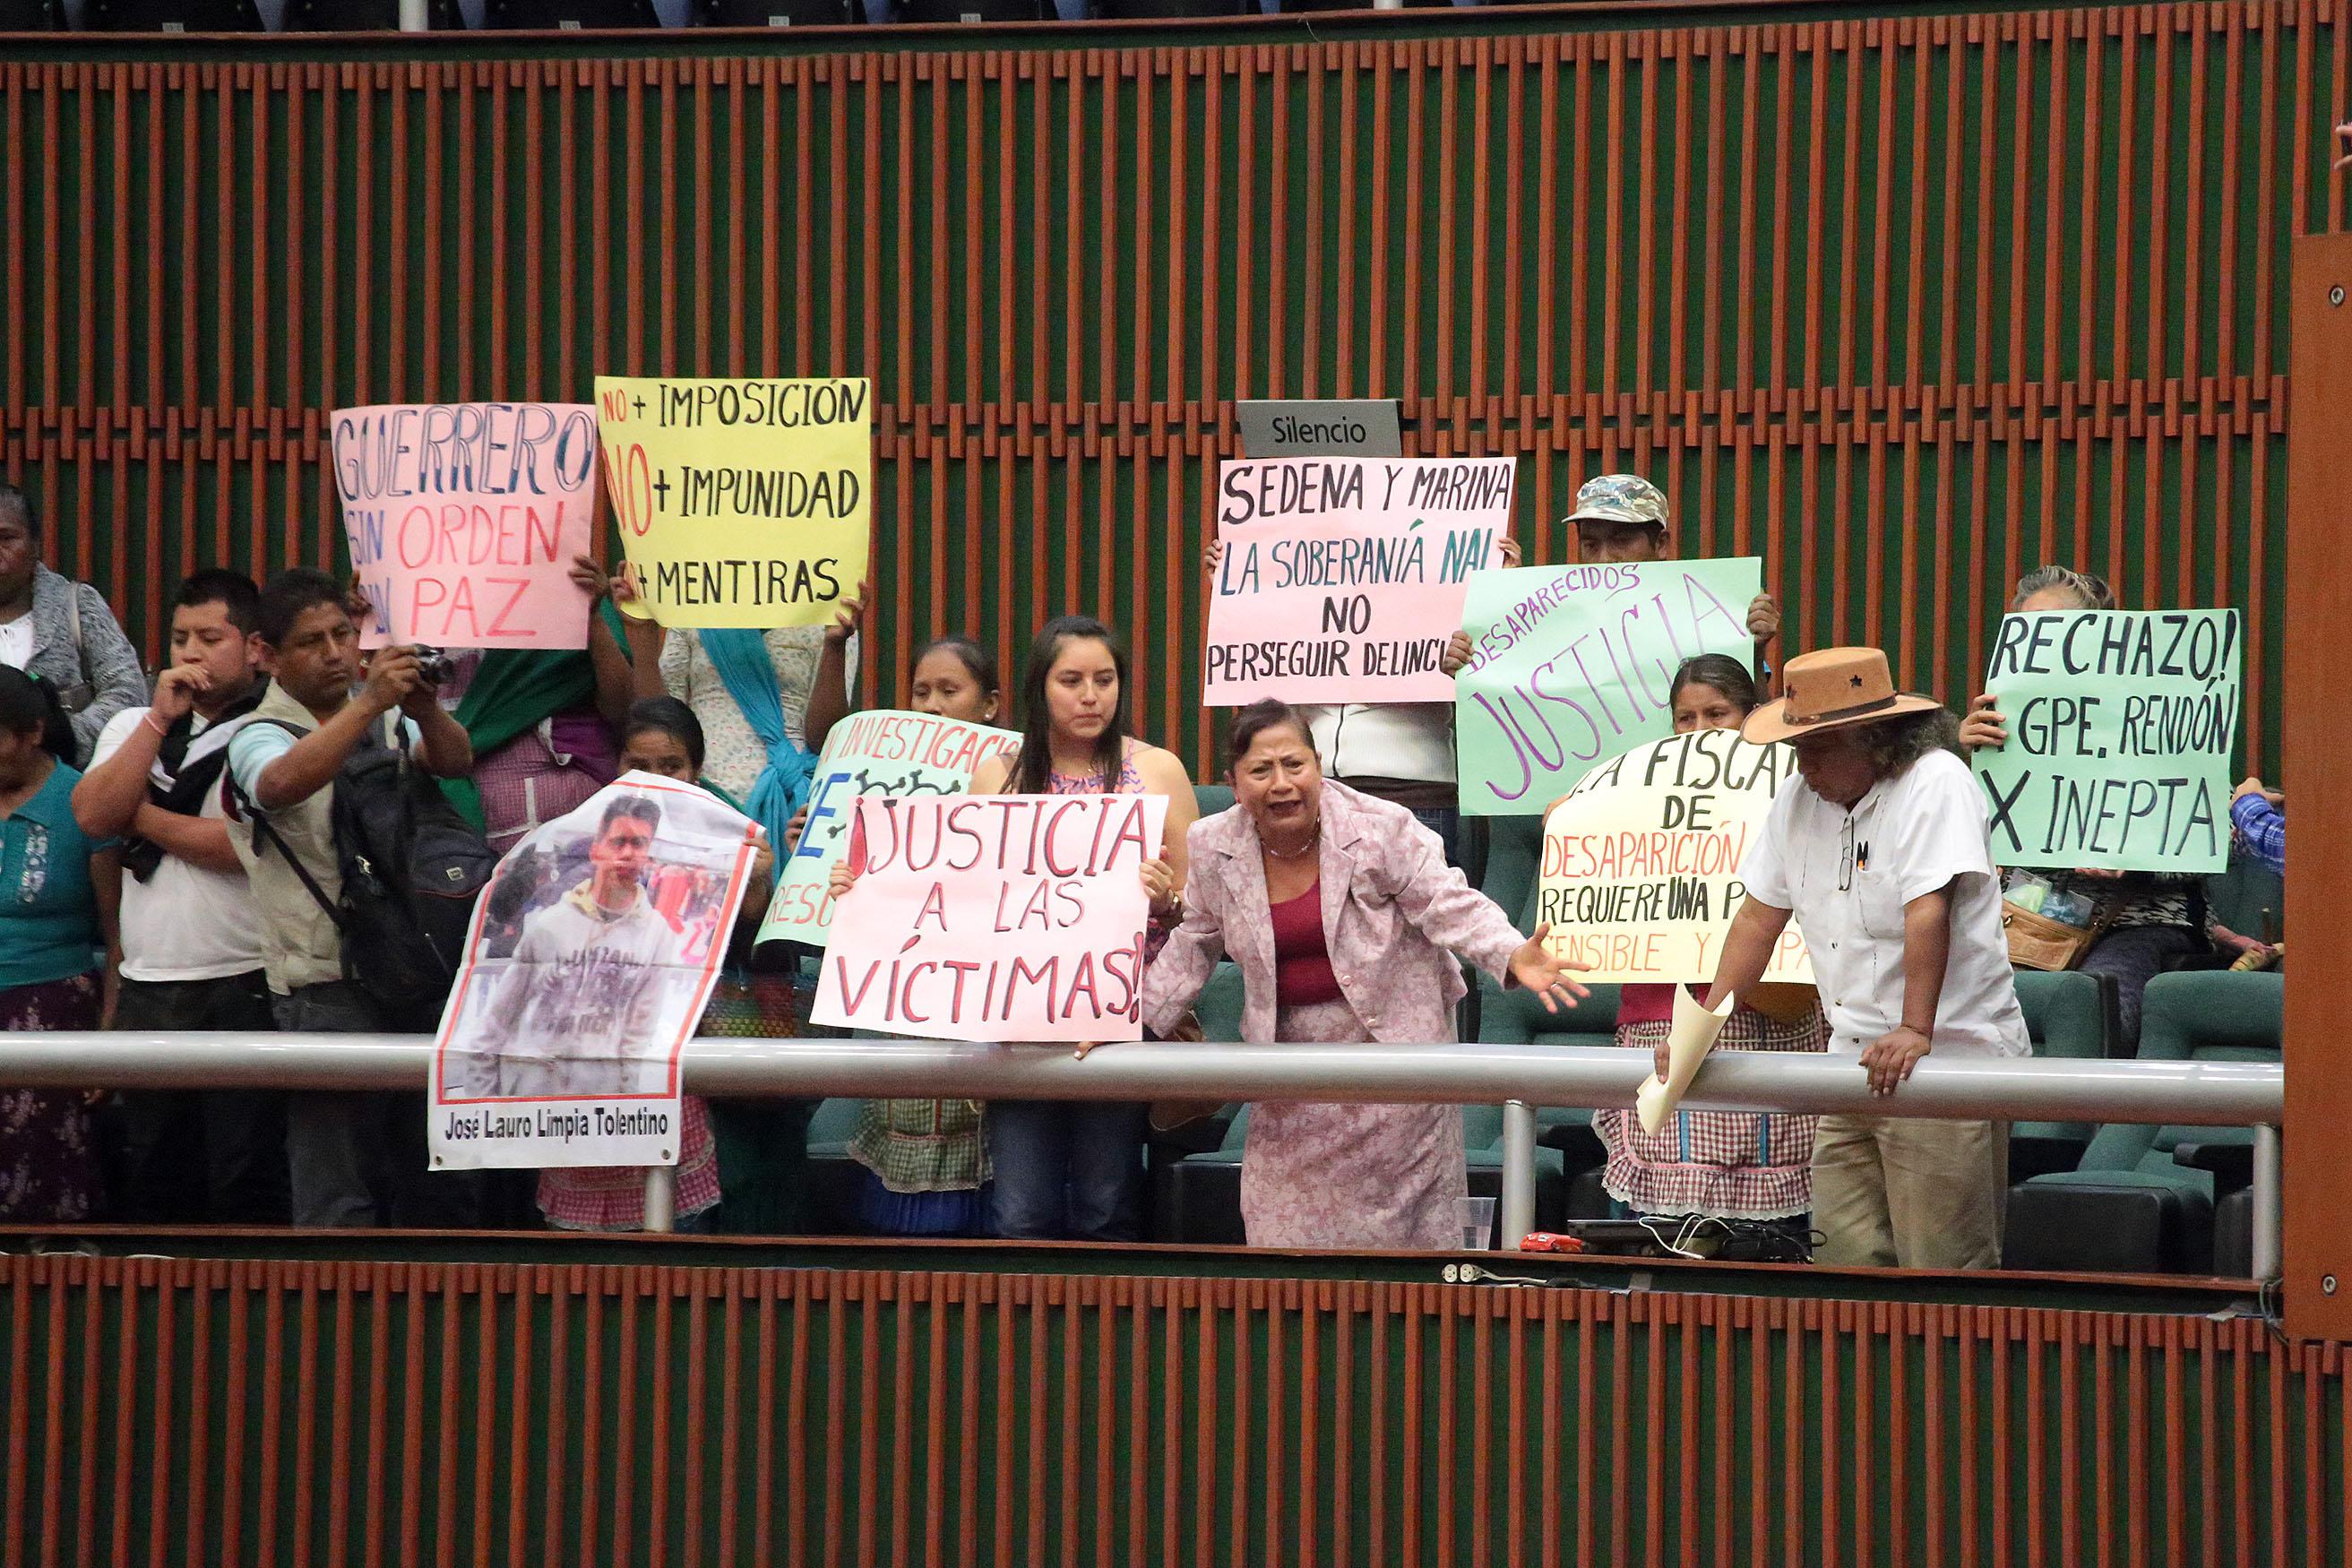 jnt-protesta-familiares-desaparecidos-pleno-colectivos.jpg: Chilpancingo, Guerrero 14 de diciembre del 2017// Familiares de desaparecidos de Iguala, Chilpancingo, Acapulco y Chilapa que se oponen a la designación de María Guadalupe Rendón Ramírez en la Fiscalía Especializada en Desaparición Forzada y Búsqueda de Personas Desaparecidas irrumpieron en el pleno del Congreso luego de que fueron sacados por guardias de seguridad, por instrucciones de los diputados locales. Foto: Jessica Torres Barrera